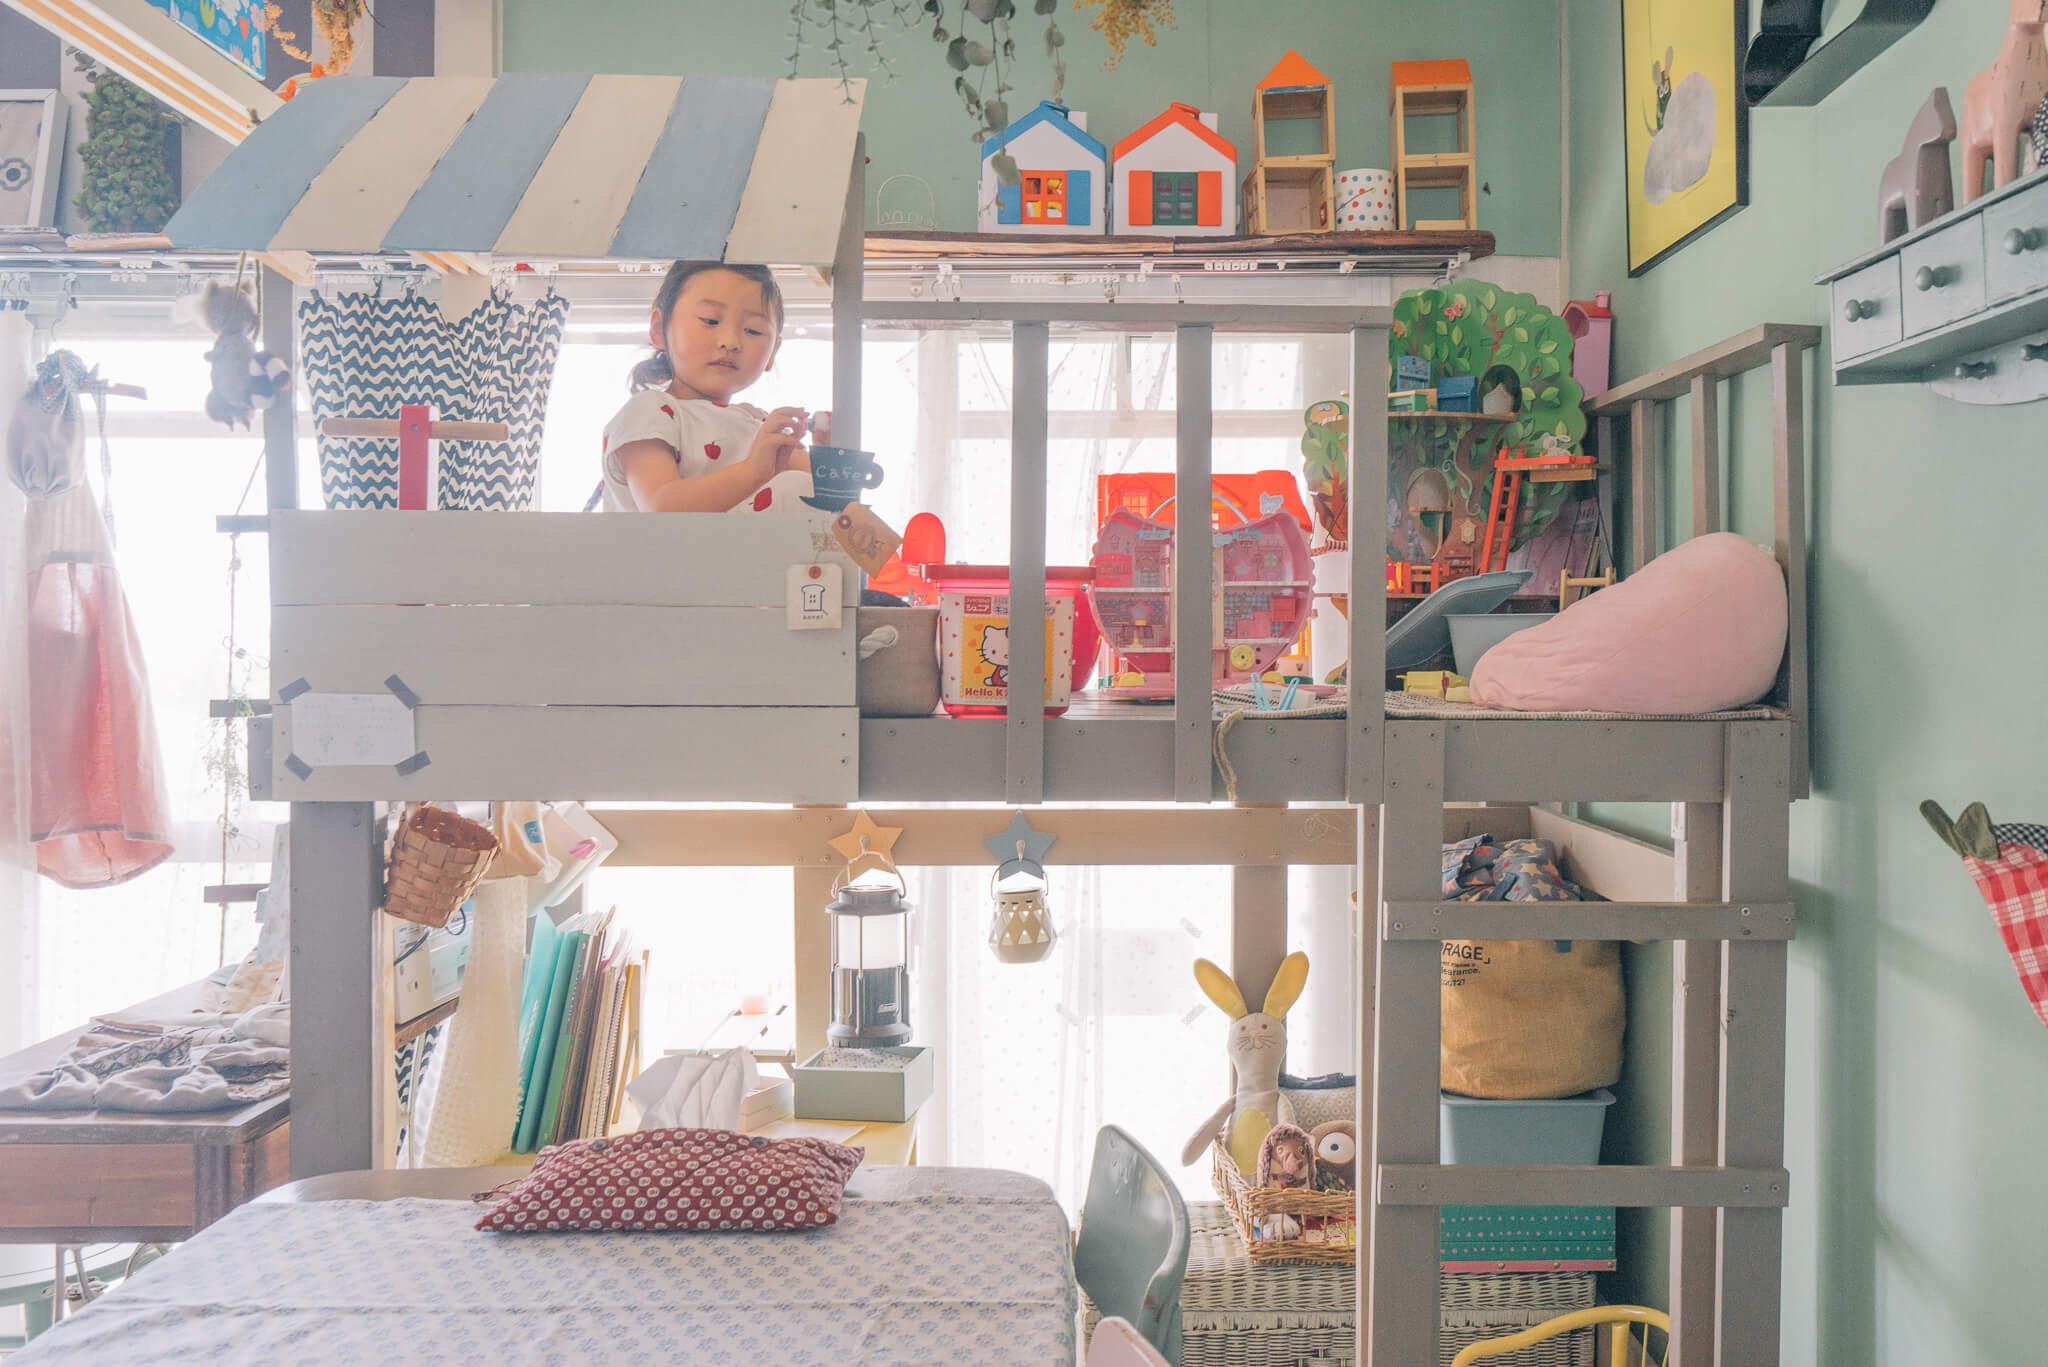 前の部屋に住んでいたとき、二人のお子さんそれぞれの基地を作ってあげたくて、ホームセンターの2×4材で製作。